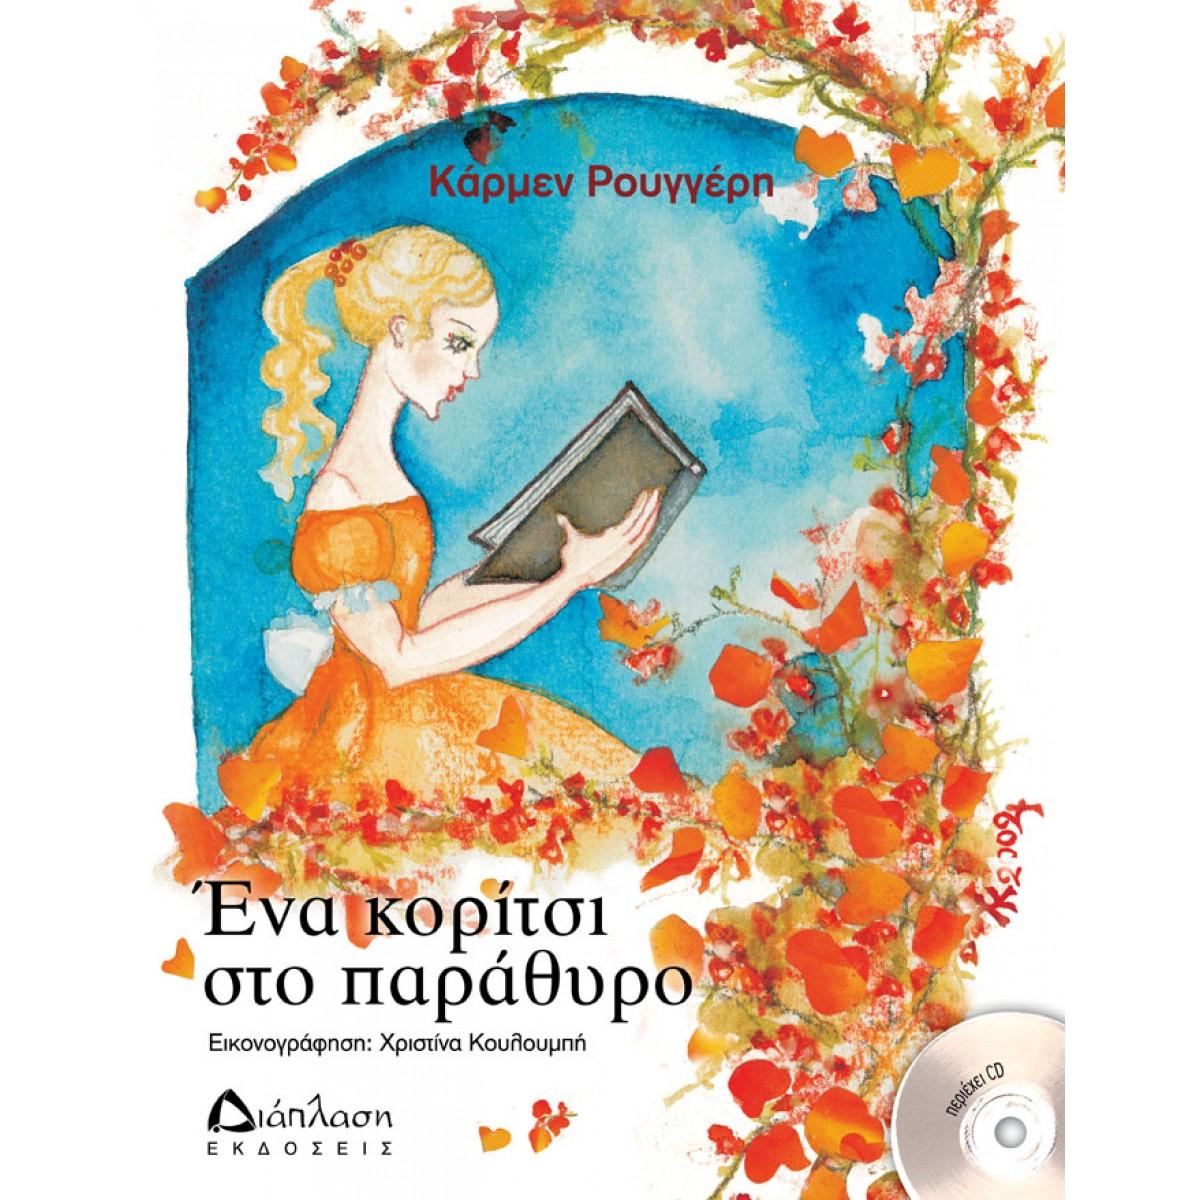 ΕΝΑ ΚΟΡΙΤΣΙ ΣΤΟ ΠΑΡΑΘΥΡΟ + CD Παιδικά Βιβλία